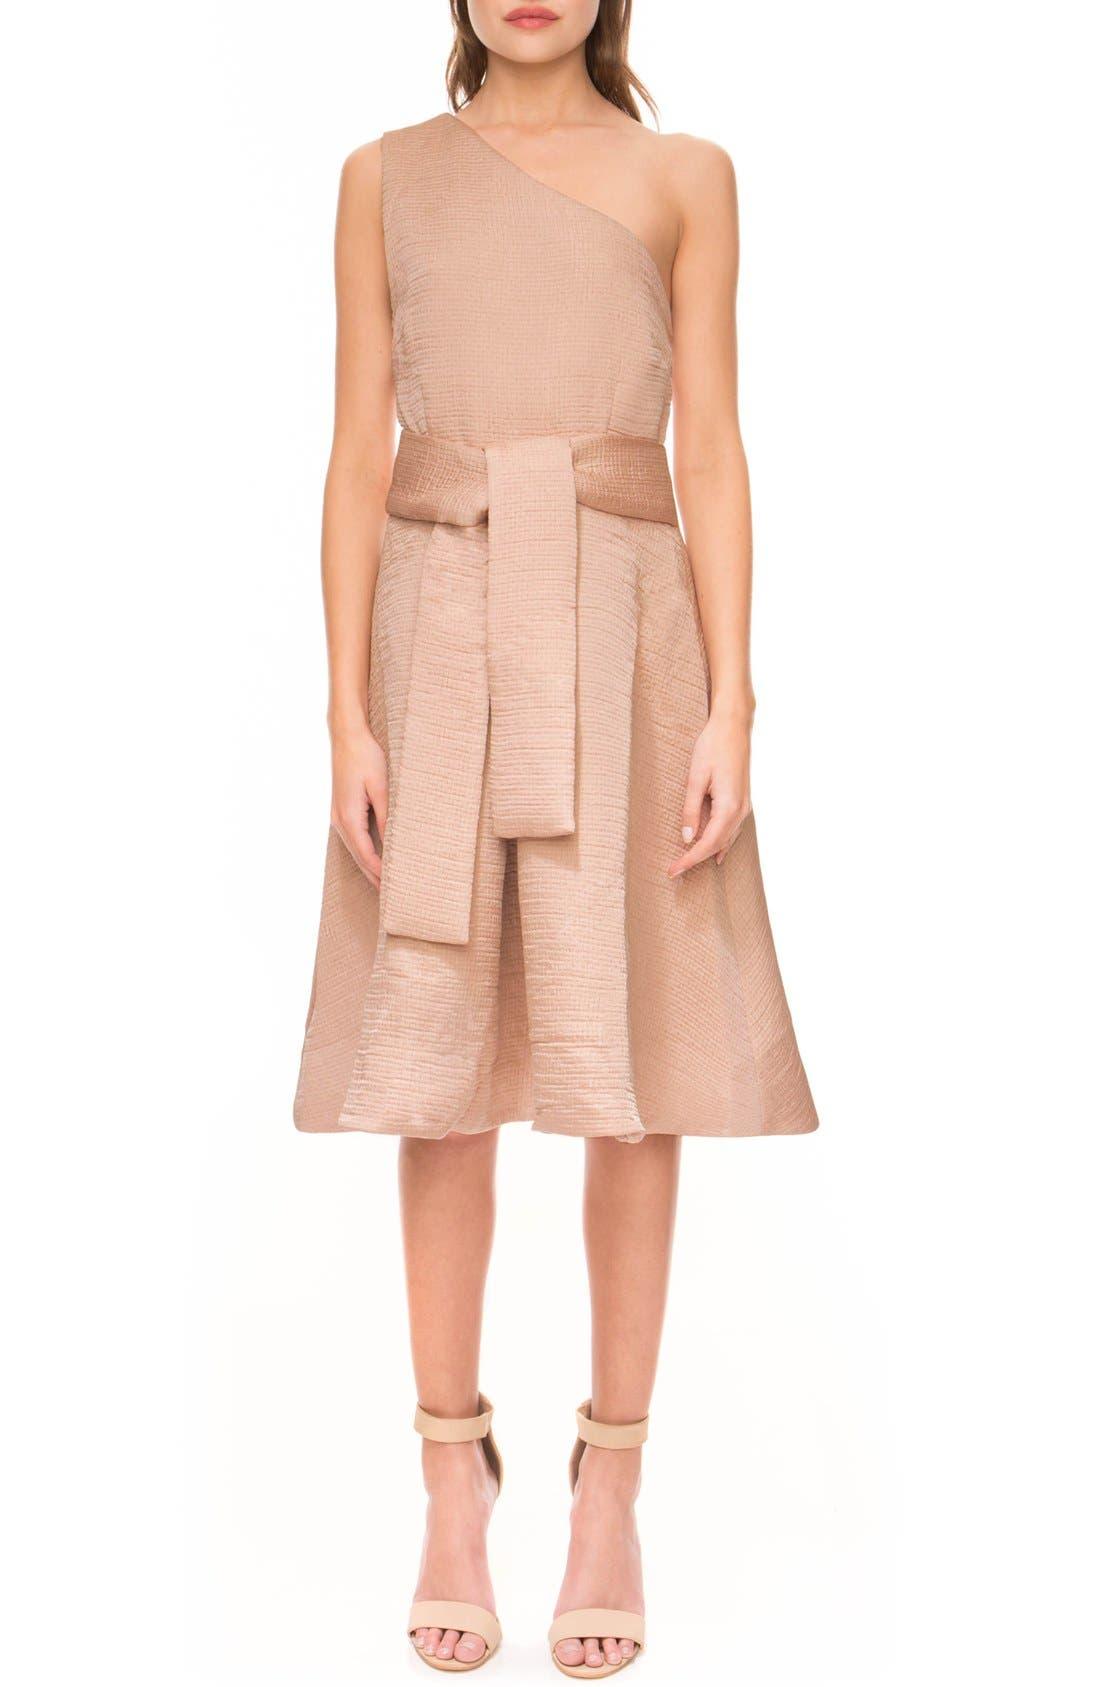 Alternate Image 1 Selected - Keepsake the Label 'Rapture' One Shoulder Dress